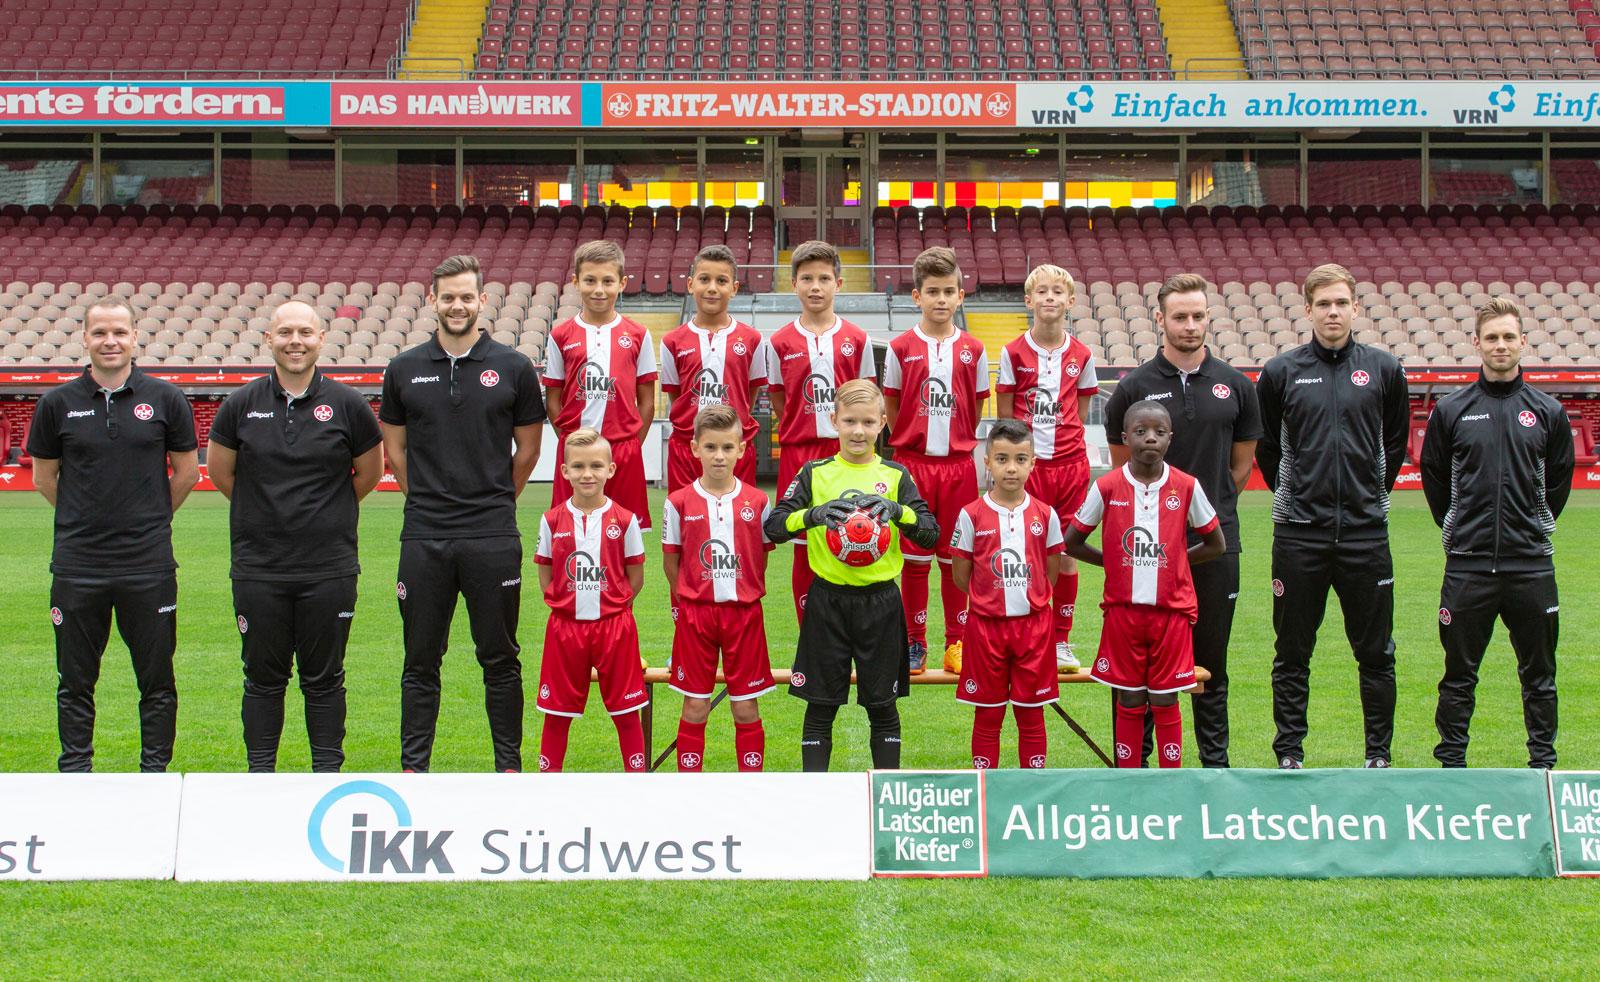 Mannschaftsfoto der FCK-U10 in der Saison 2018/19